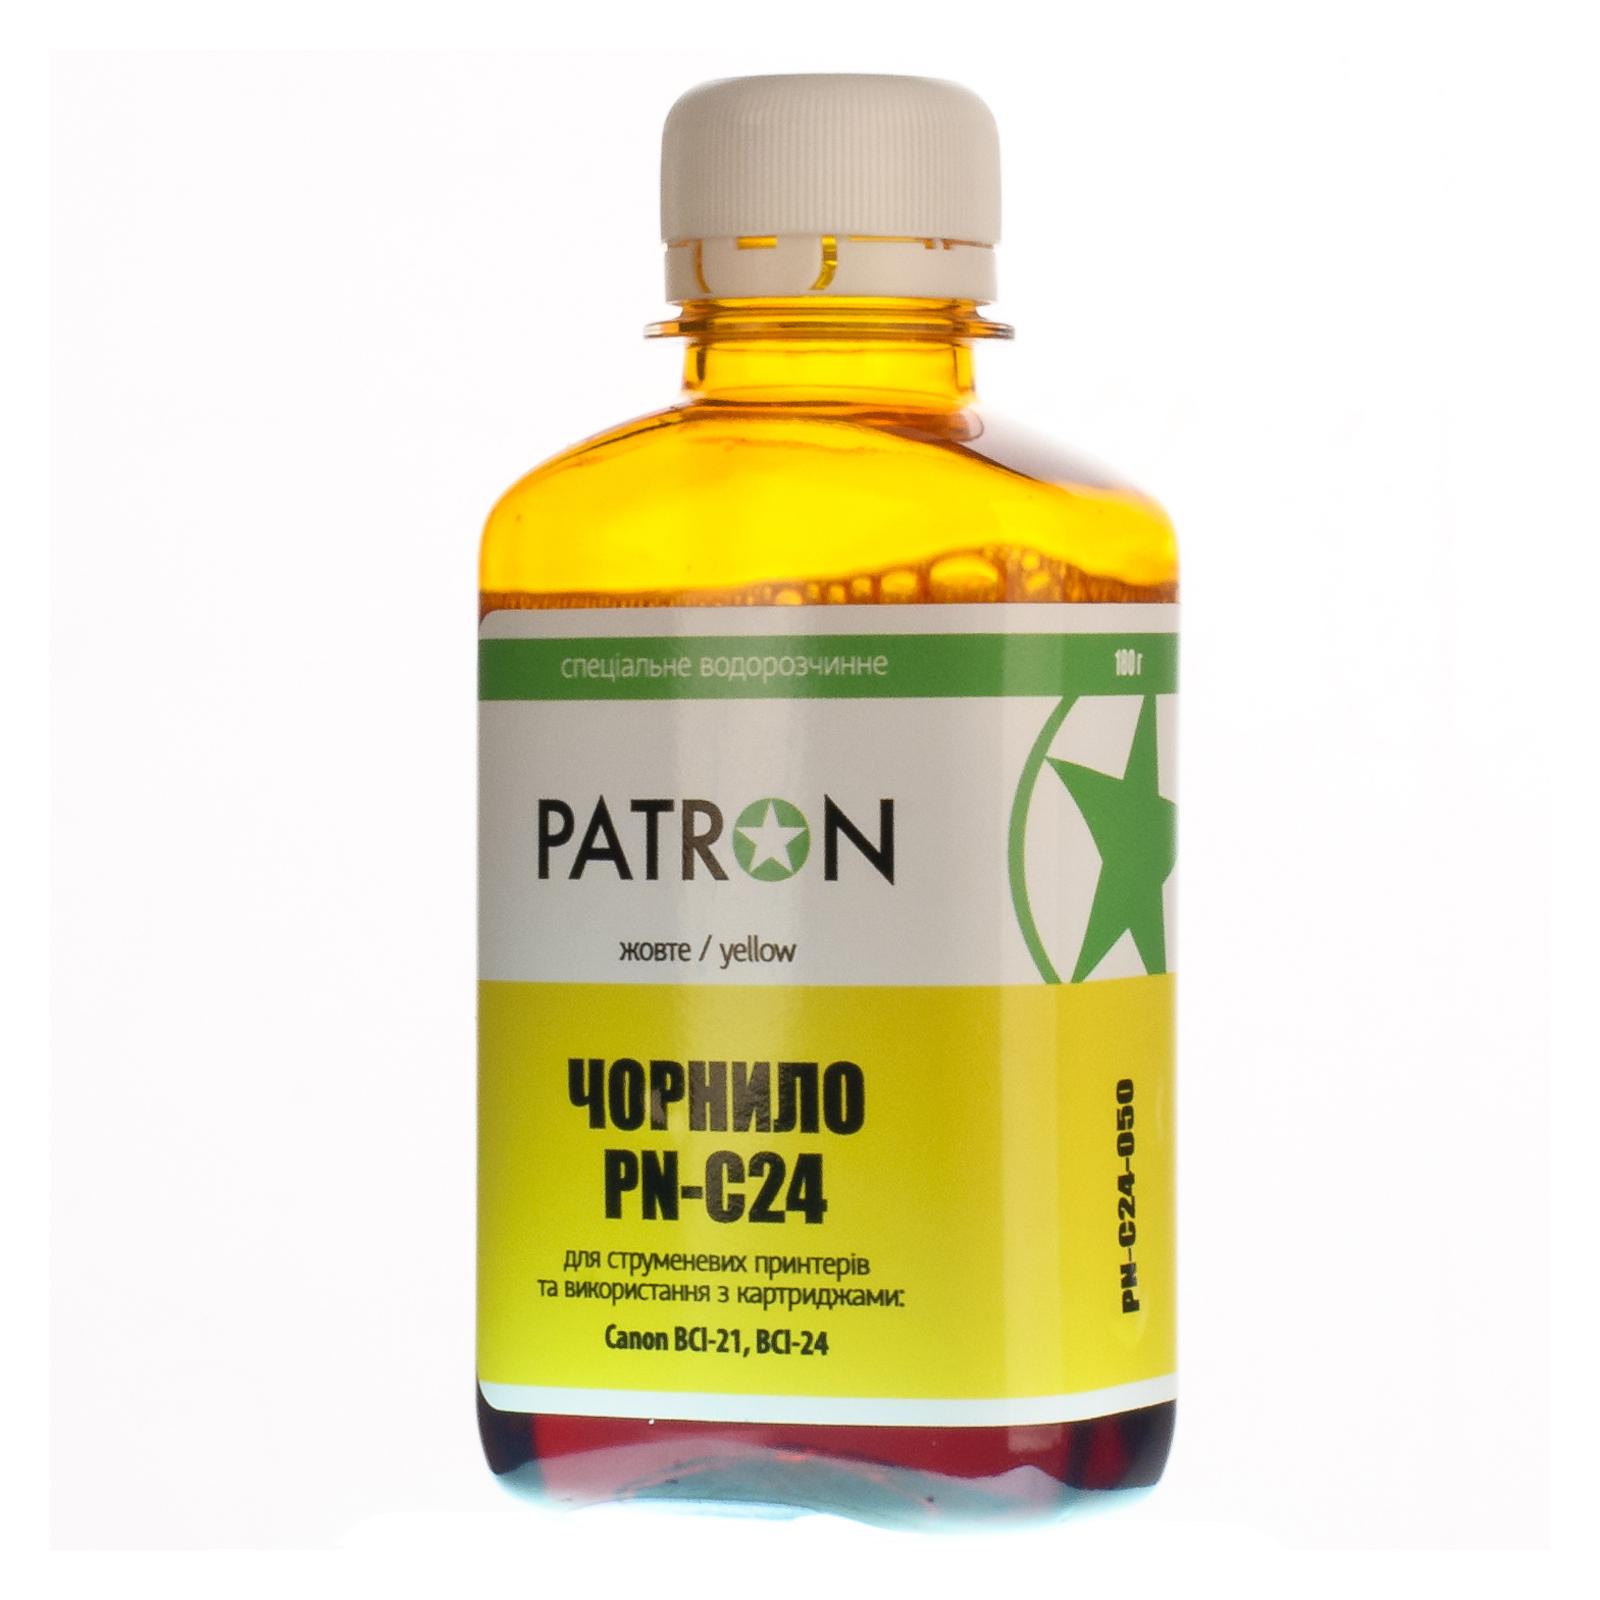 Чернила PATRON CANON BCI-24 YELLOW (PN-C24-050)